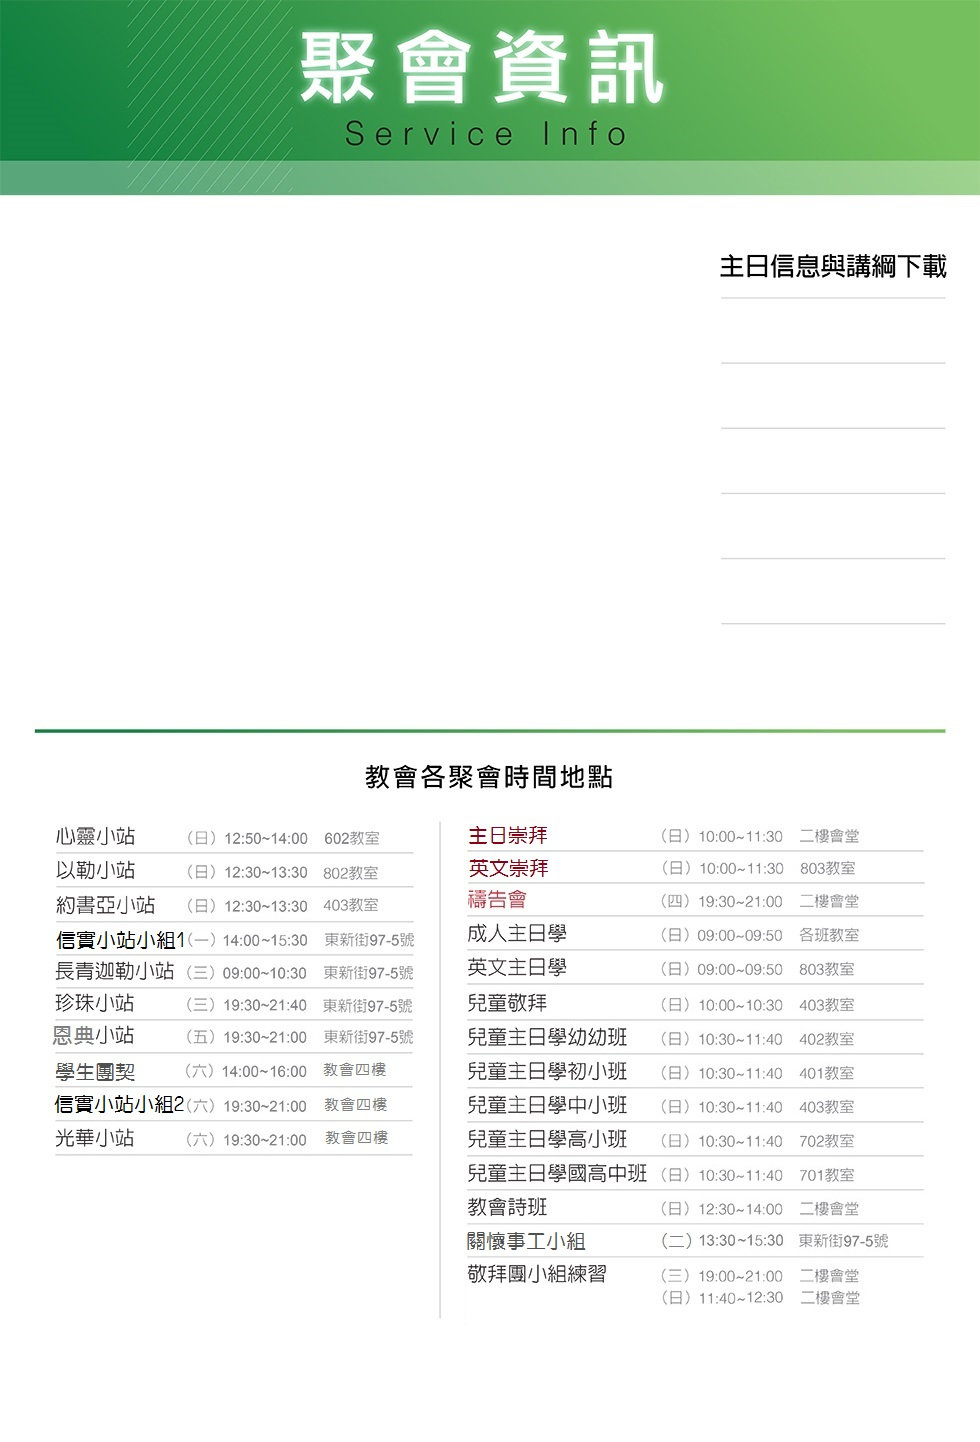 2020聚會資訊(980x1442空).jpg